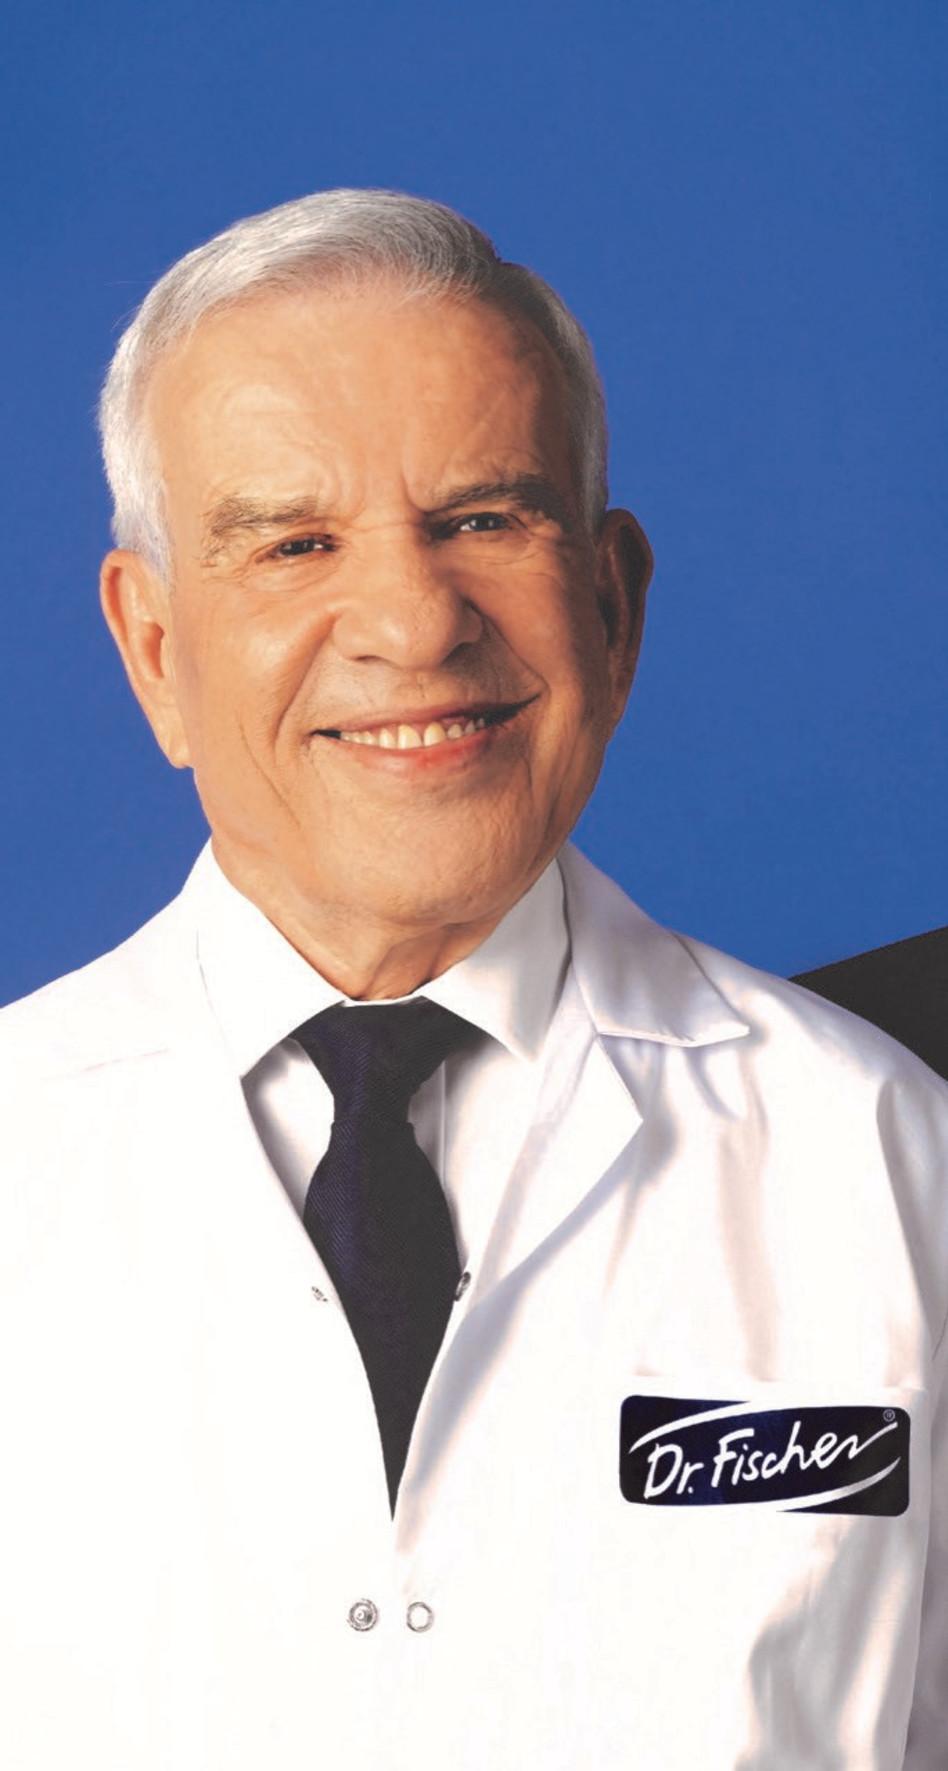 אלי פישר (צילום: ישראל כהן)